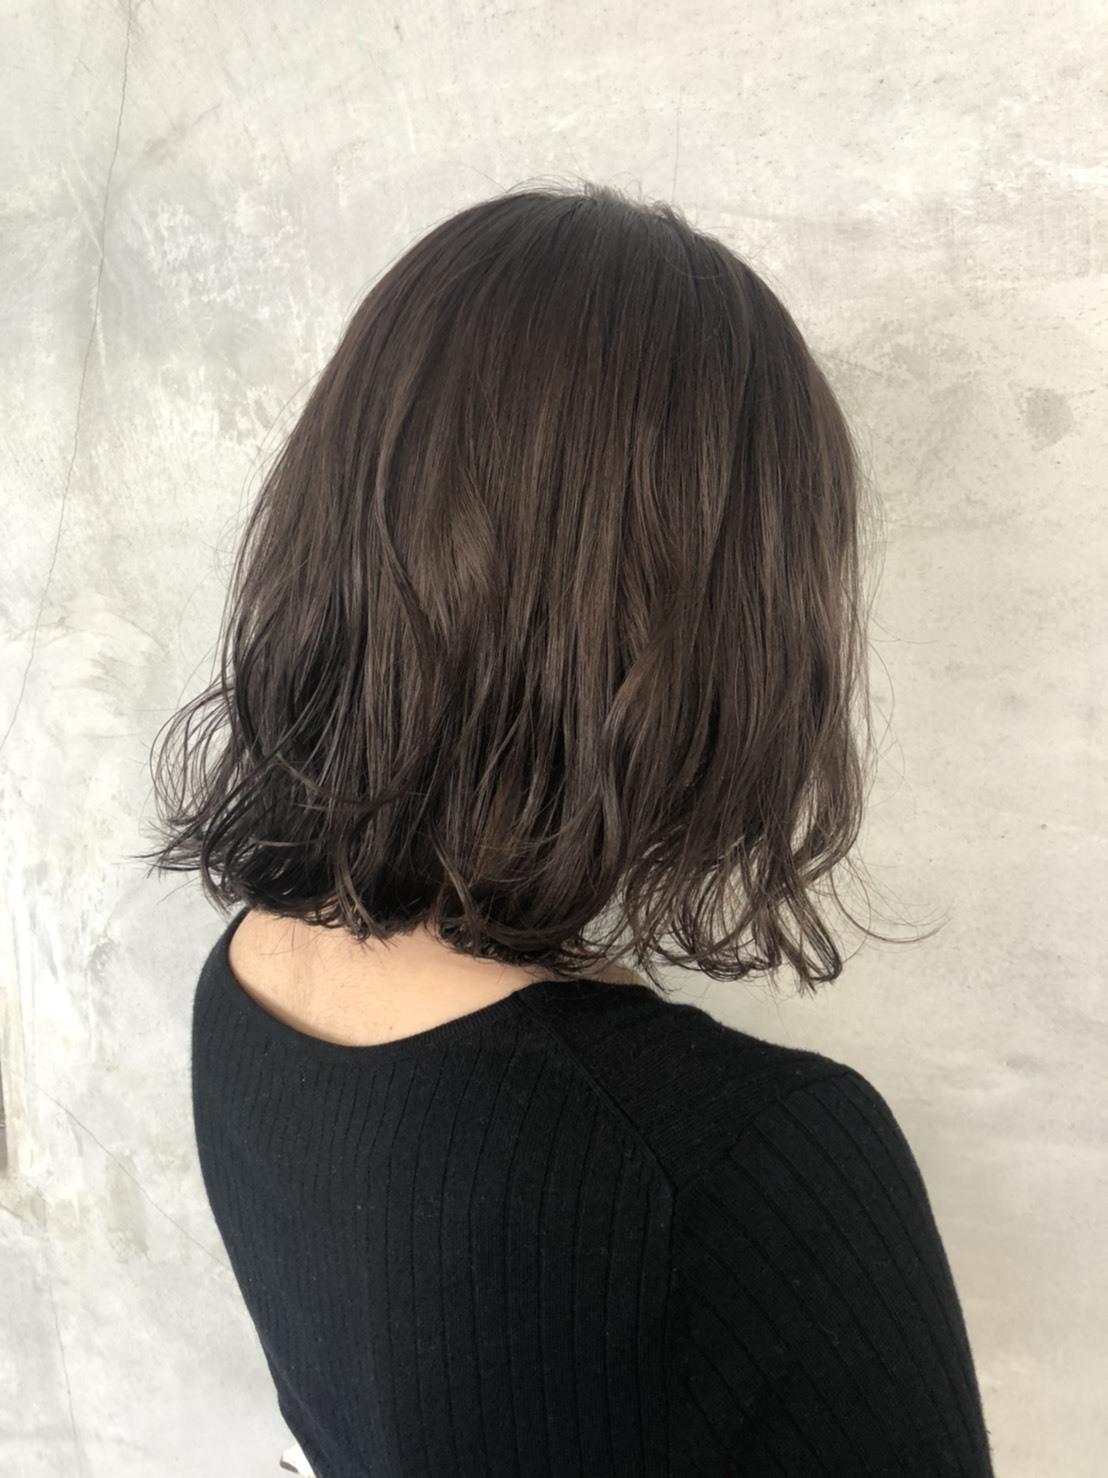 SET-UPのグレイカラーは、白髪カバーをしながら透明感やハイトーンも叶えられます。